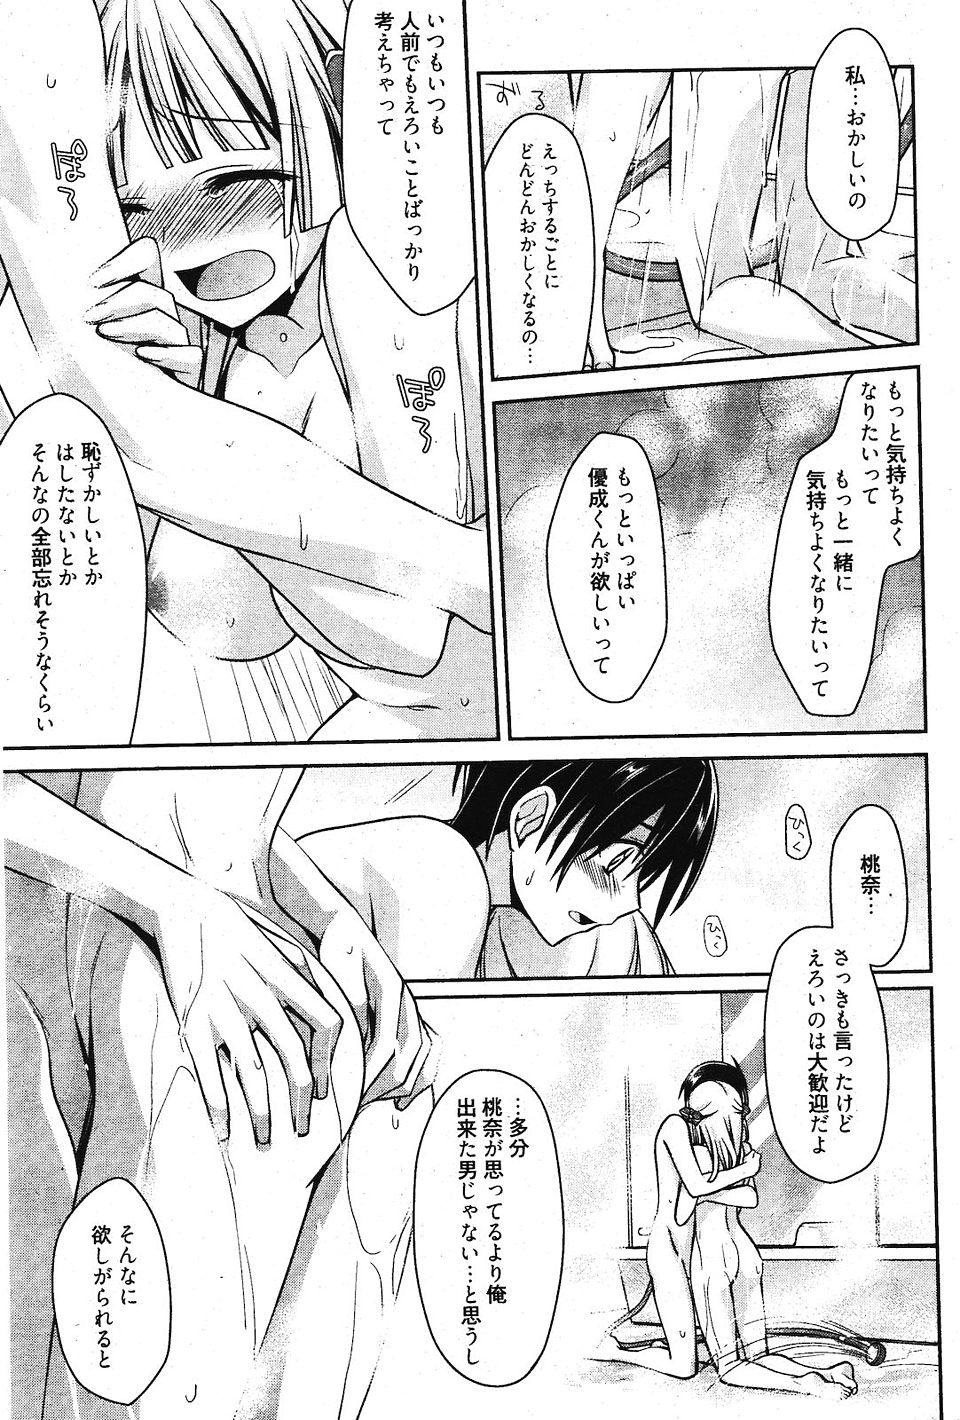 【エロ漫画・エロ同人】巨乳娘が彼氏と生ハメしたくてしょうがなくなってるw安全日教えてもらって彼氏と中出しセックスして幸せいっぱいwww (9)